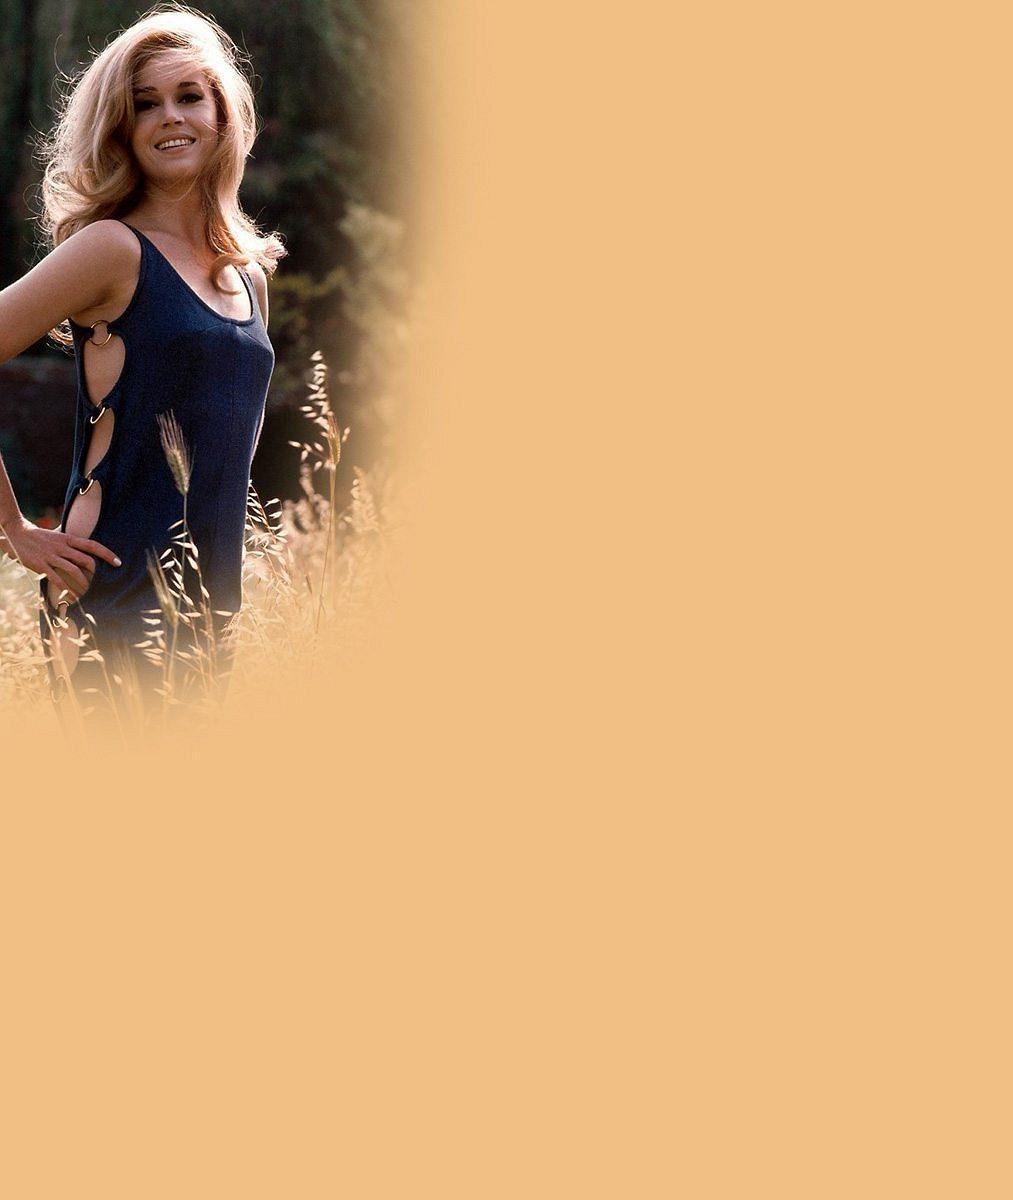 Jane Fonda slaví osmdesátiny: 12fotek ji zachycuje jako sexsymbol, hereckou ikonu išmrncovní dámu